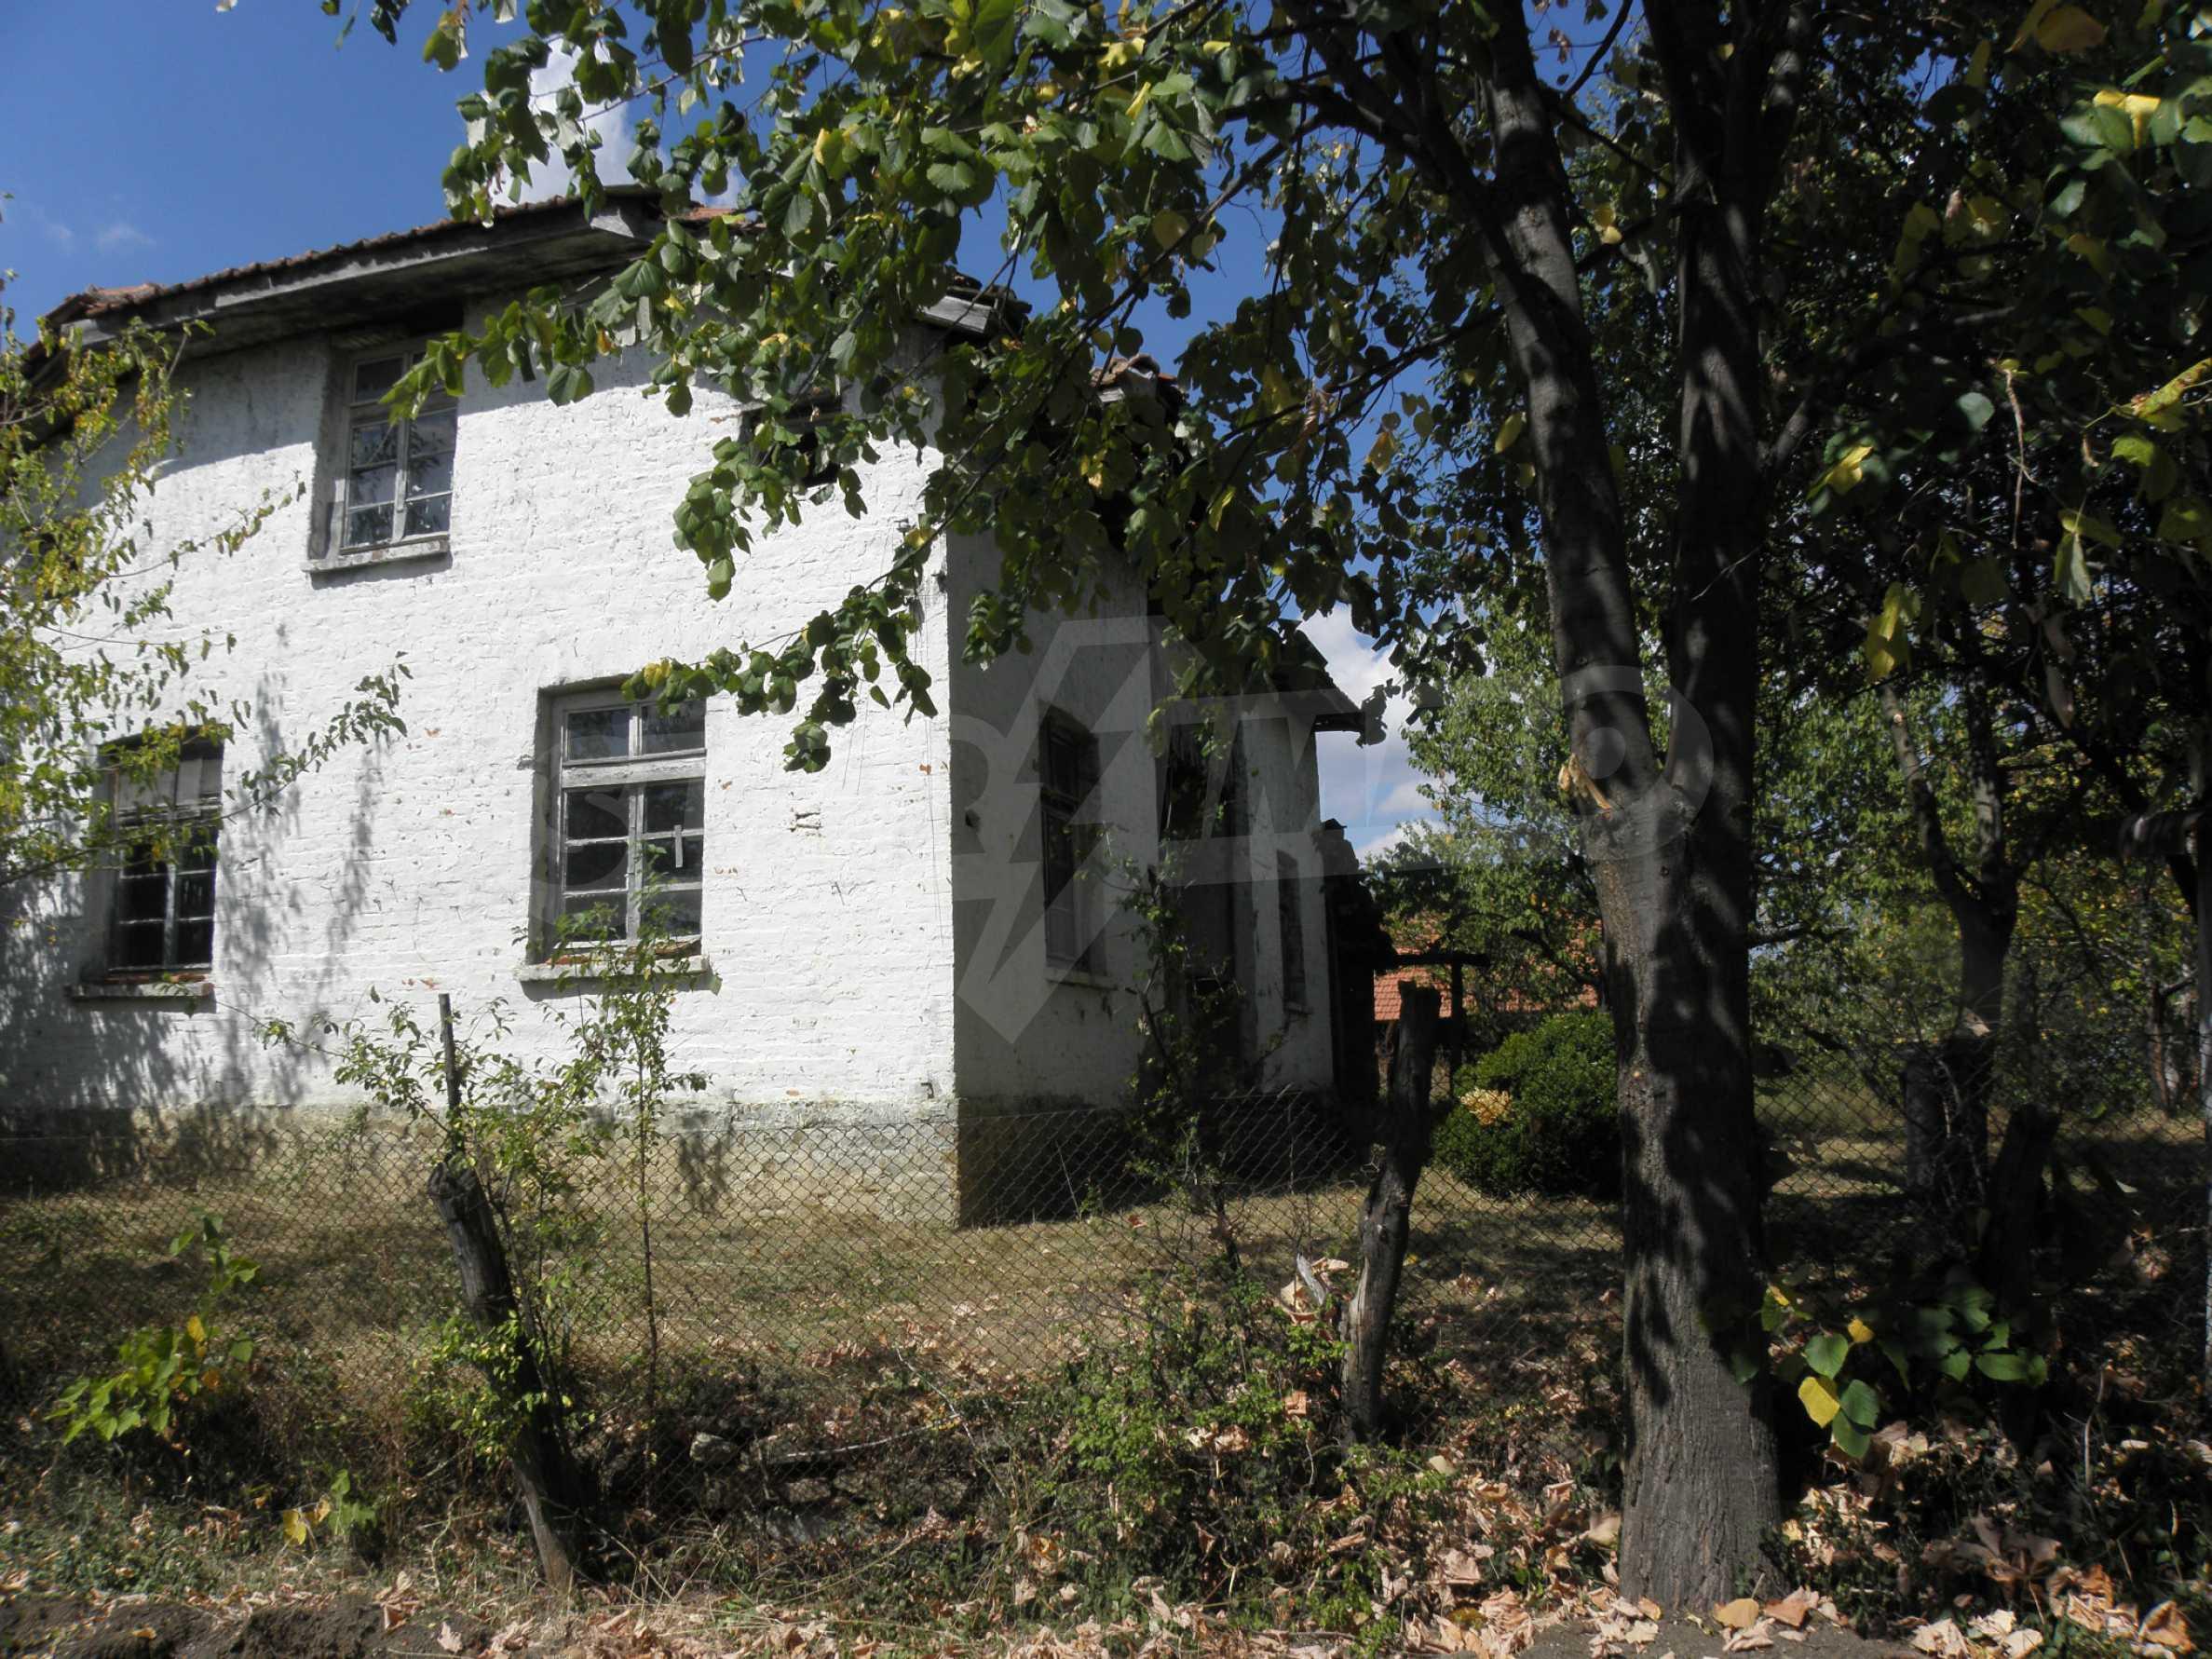 Altes Haus in einem Bergdorf, 20 km von der Stadt Sevlievo entfernt